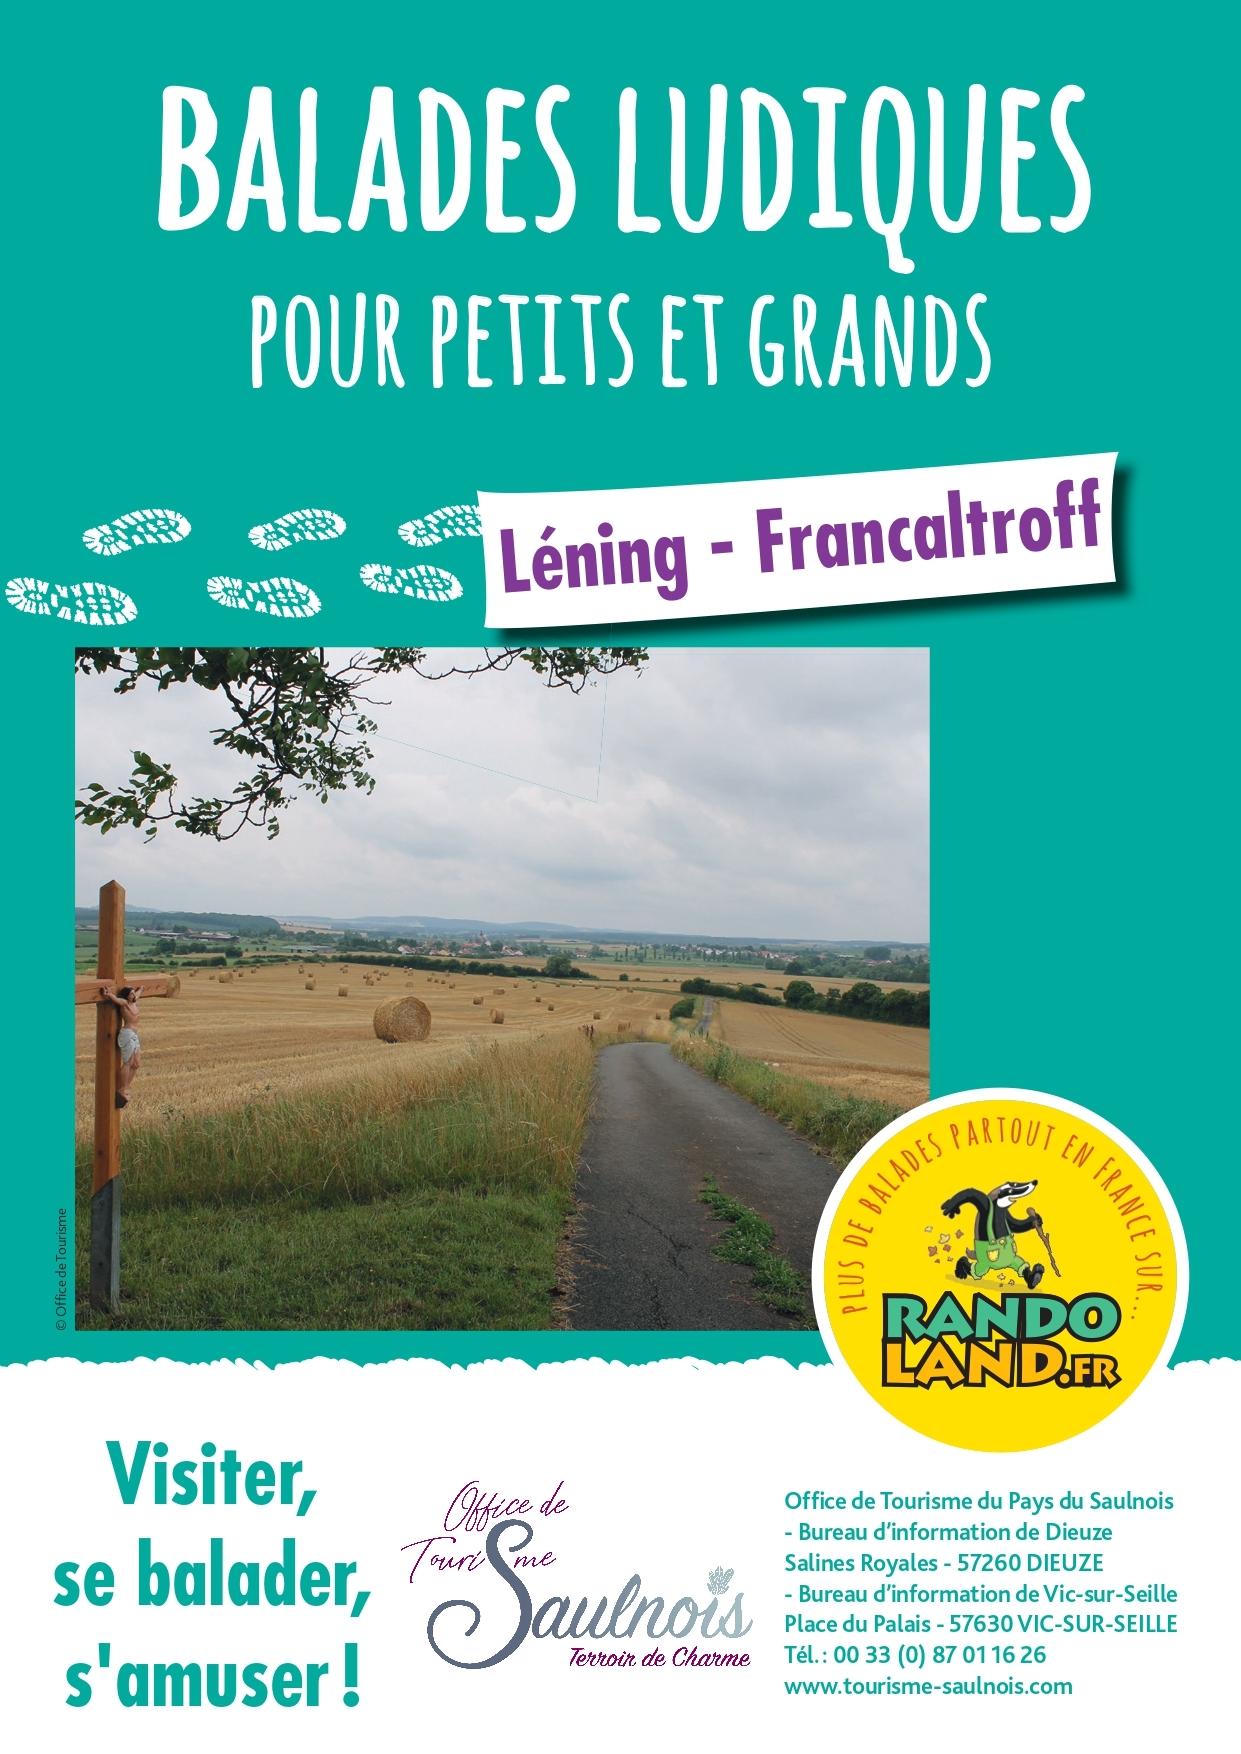 BALADES LUDIQUES-LENING- FRANCALTROFF